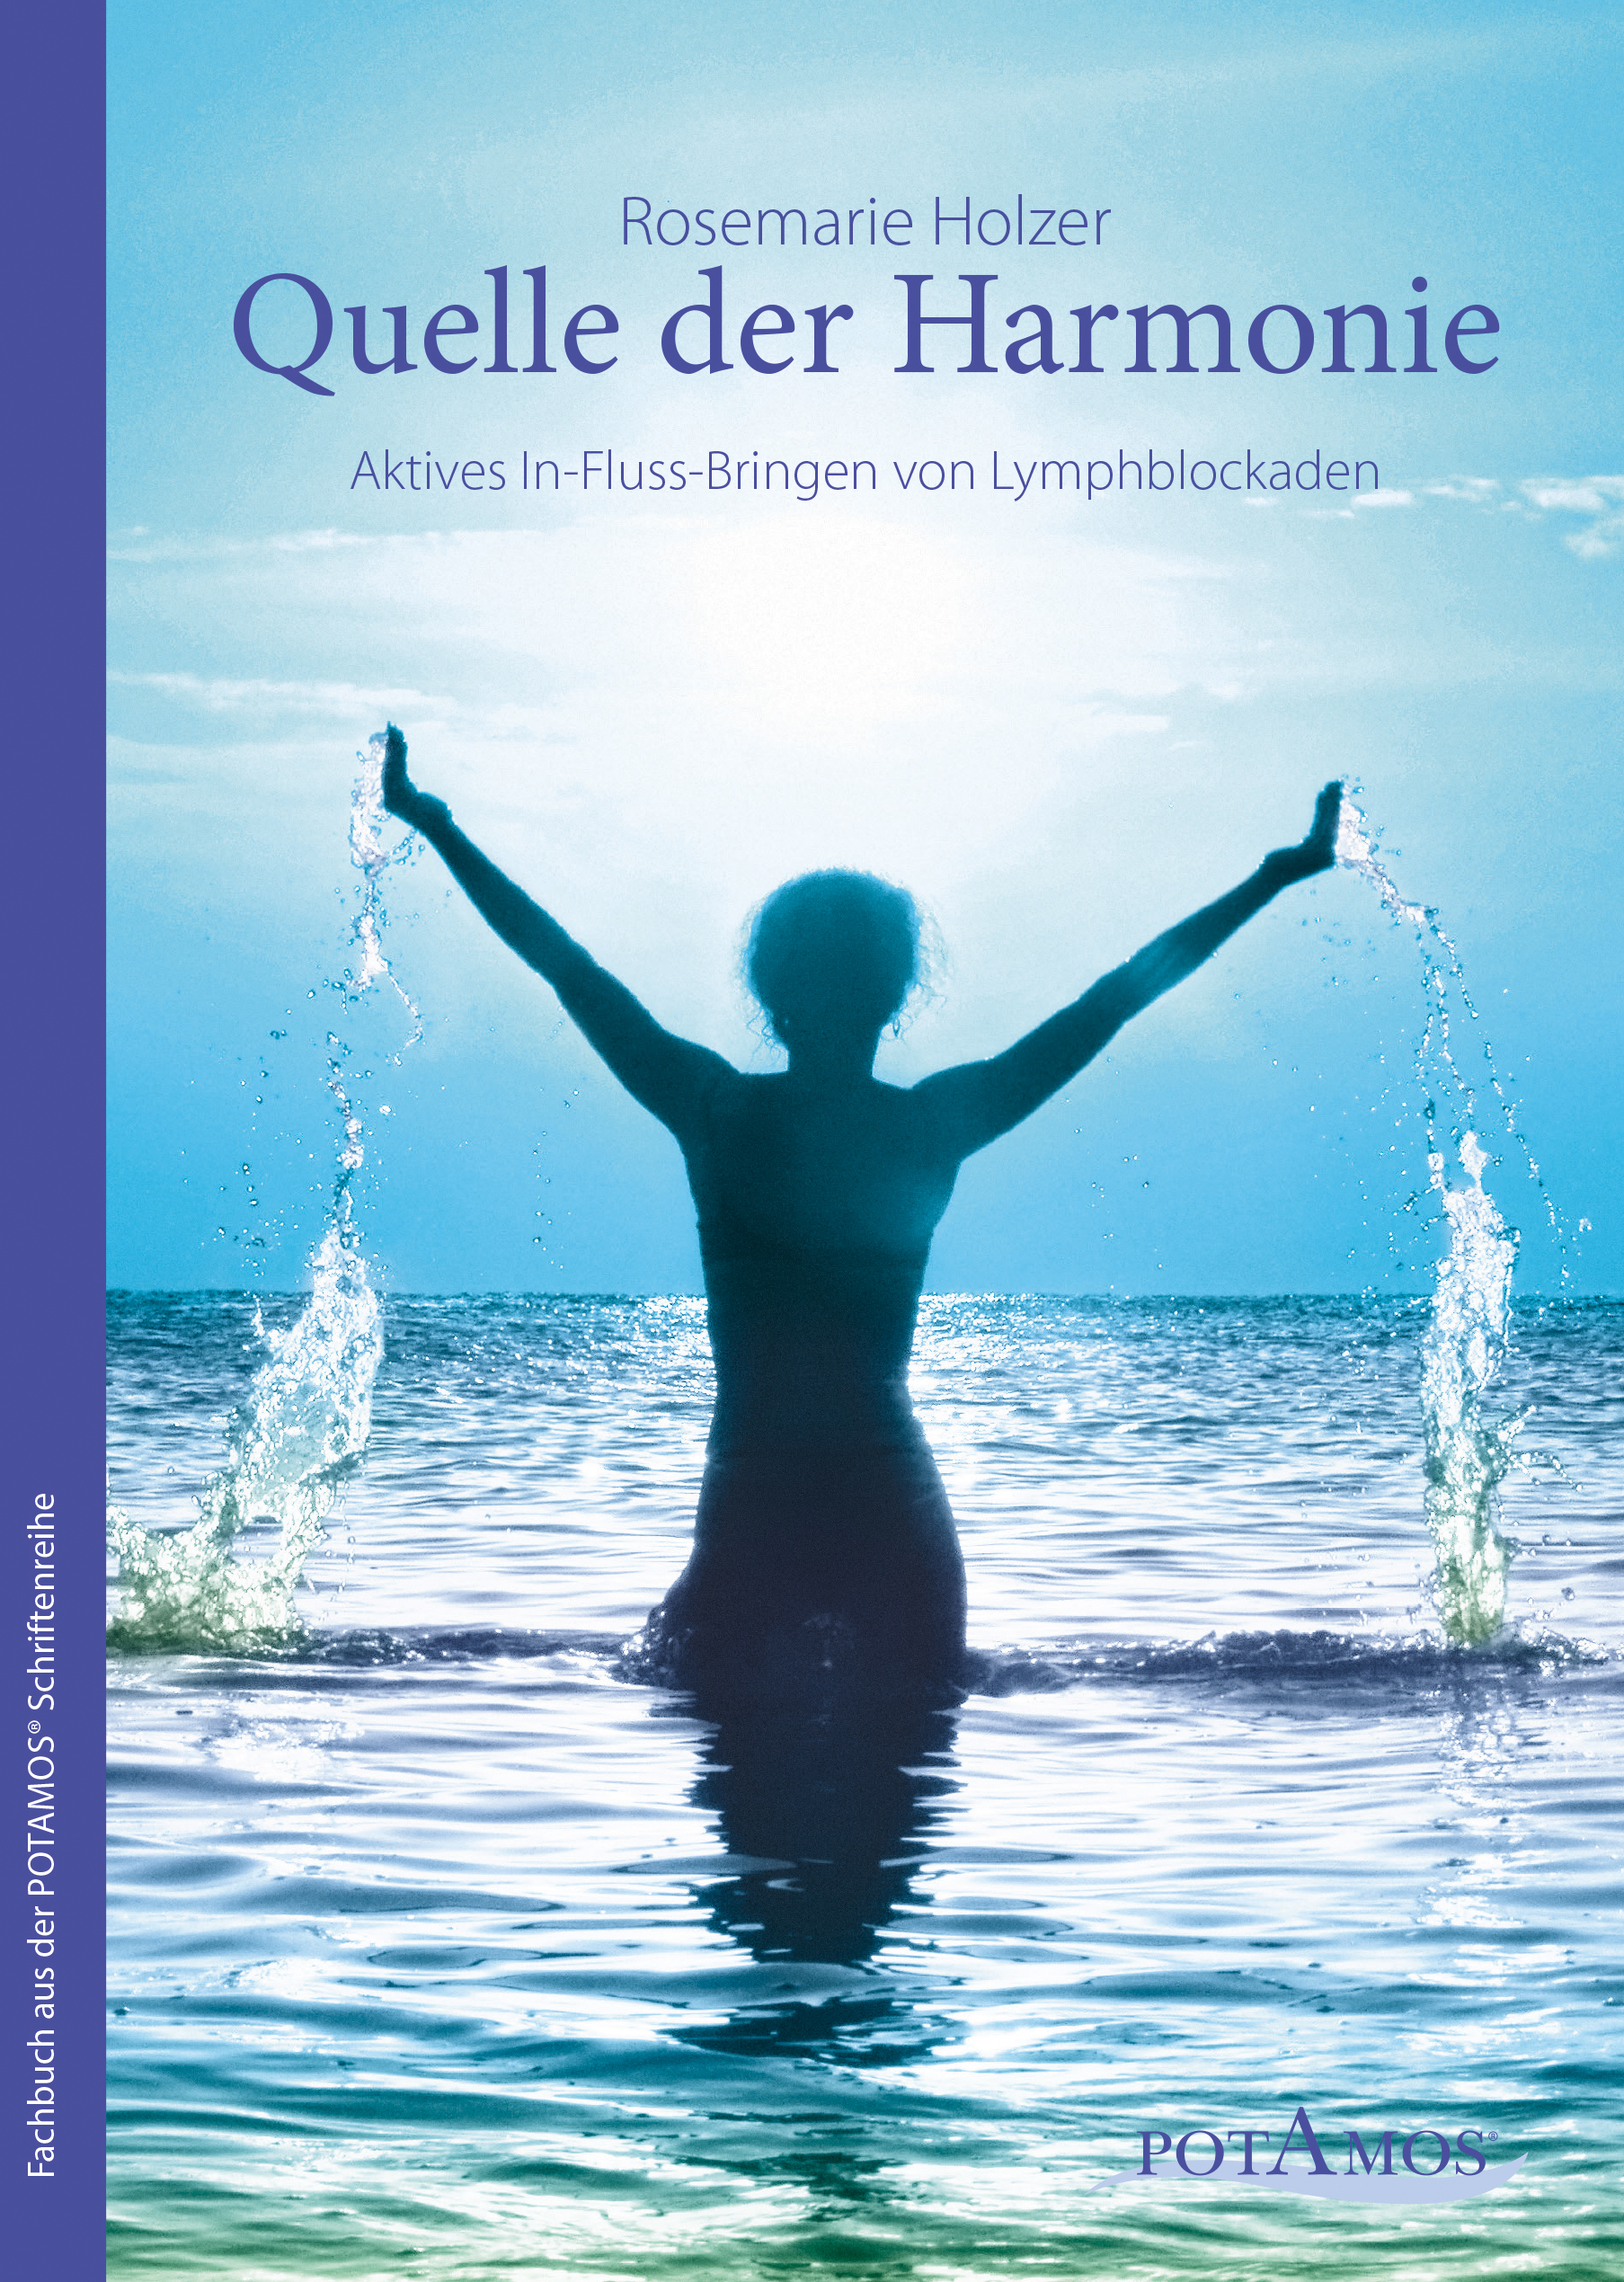 Quelle der Harmonie